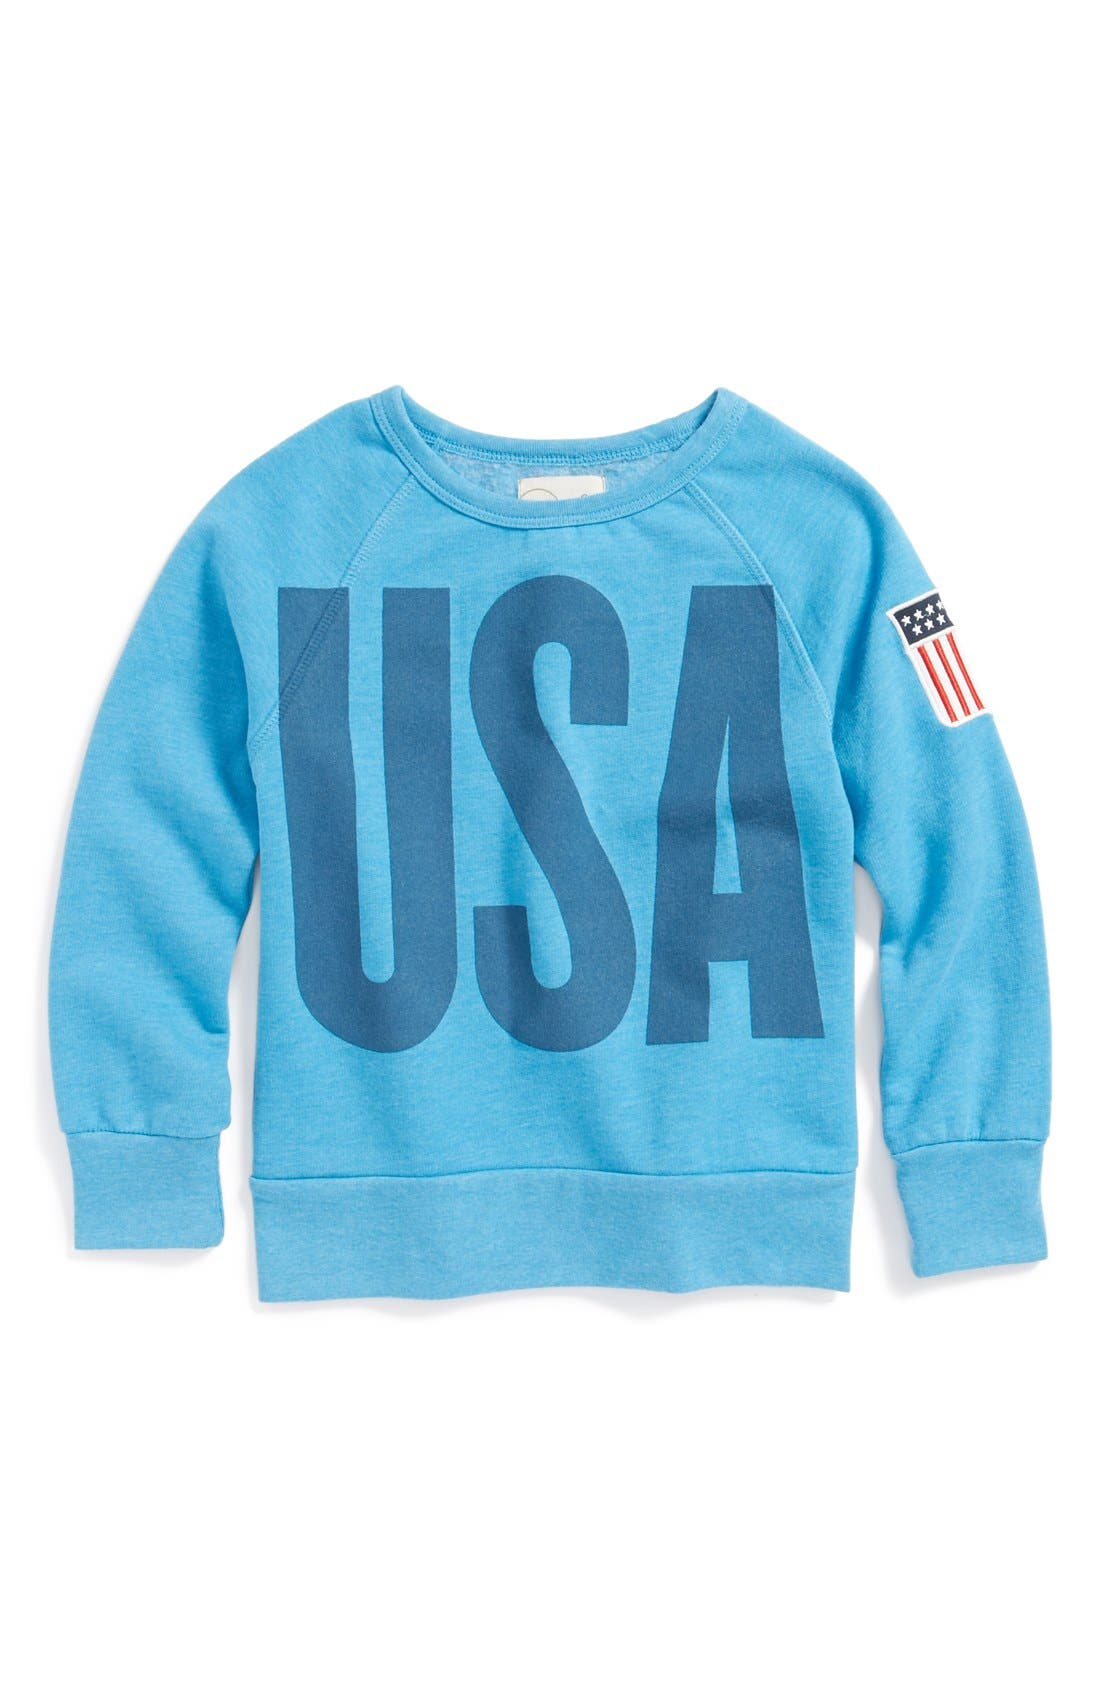 Main Image - Peek 'USA' Crewneck Sweatshirt (Toddler Girls, Little Girls & Big Girls)